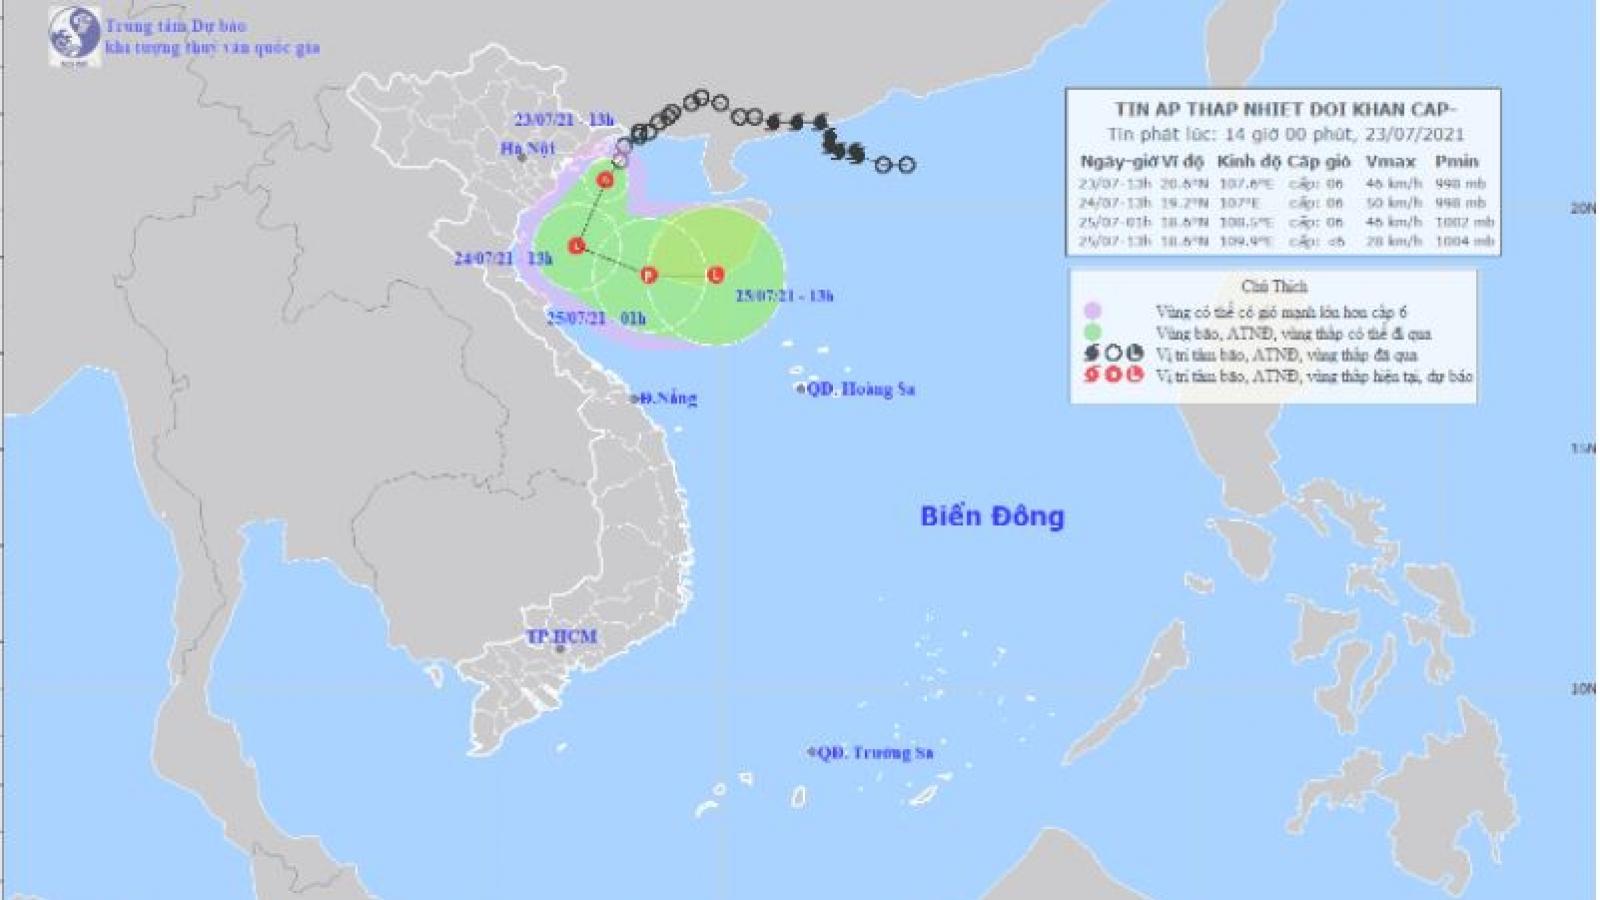 Áp thấp nhiệt đới sẽ khiến khu vực từ Thanh Hóa đến Hà Tĩnh mưa rất to